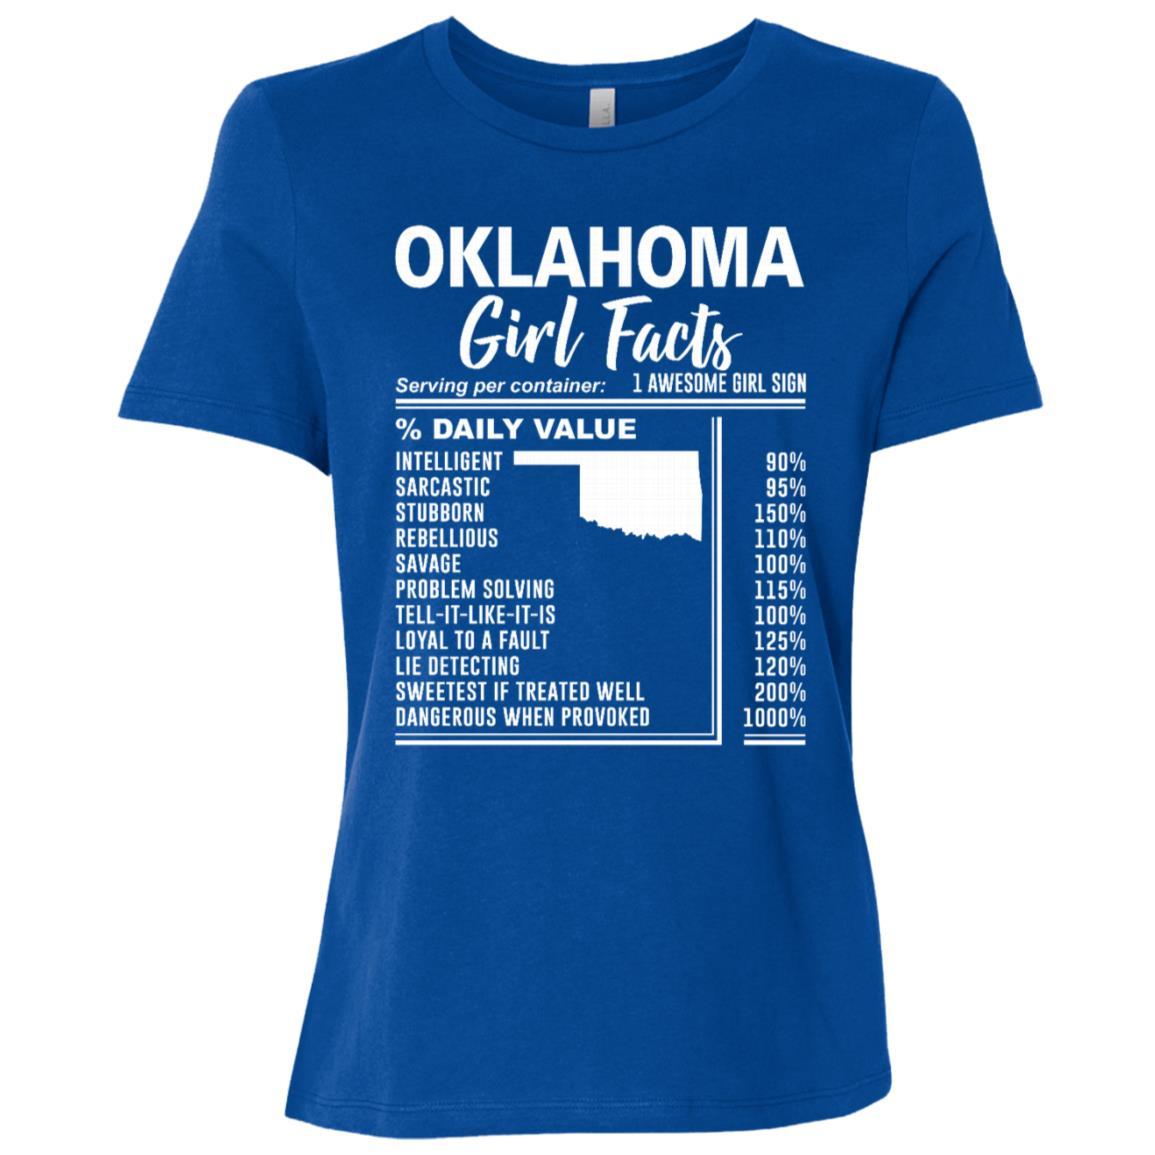 Born in Oklahoma – Oklahoma Girl Facts Women Short Sleeve T-Shirt